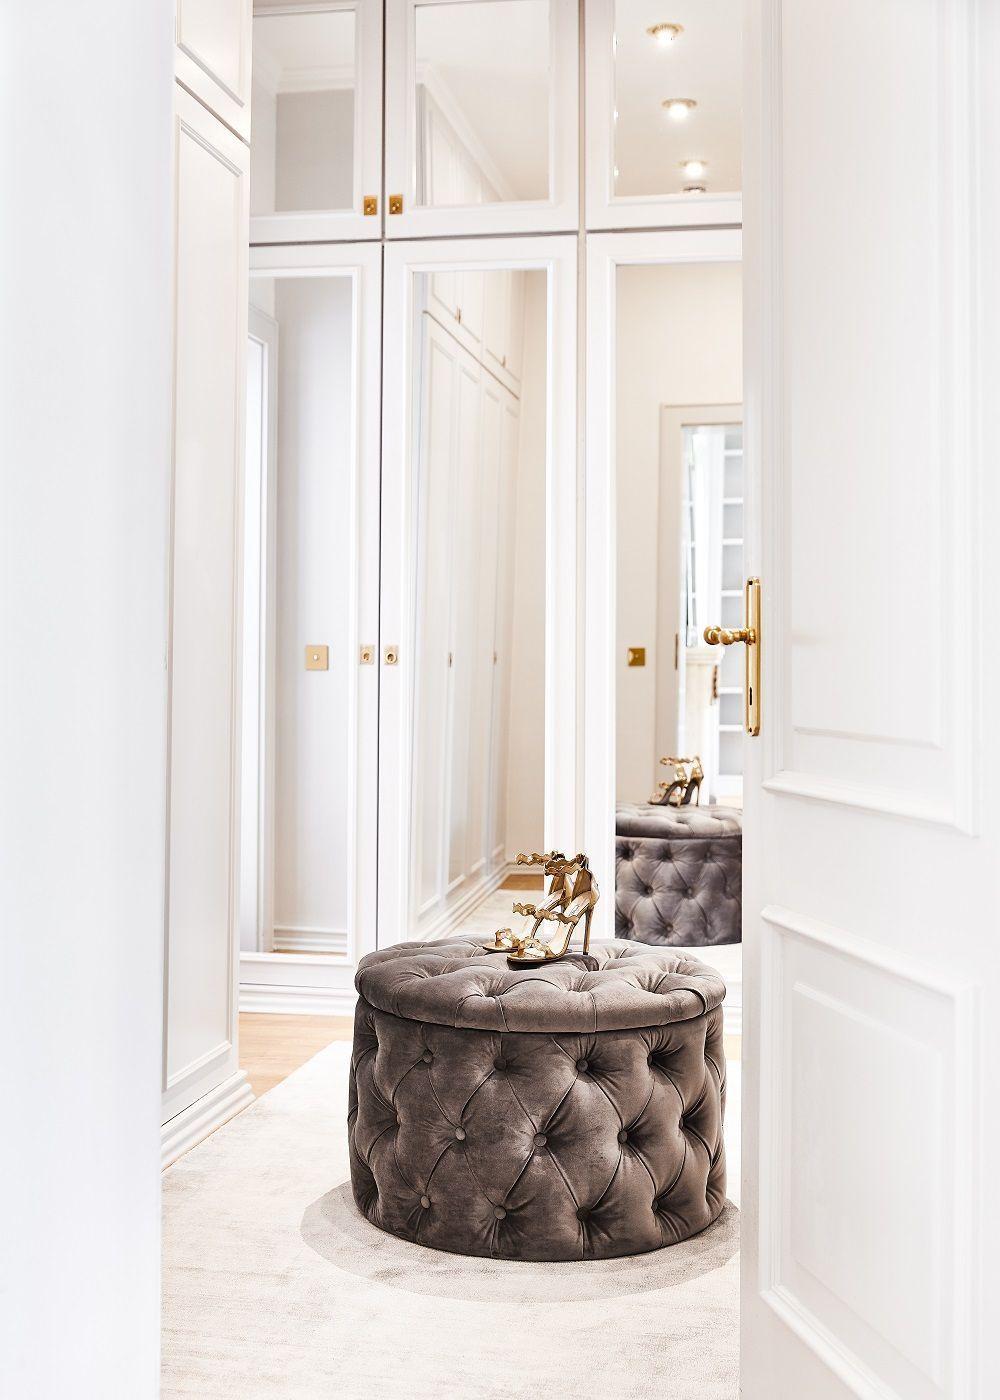 Hocker I Sitzhocker Online Kaufen I Westwingnow Ankleidezimmer Goals Der Wunderschone Samt Hocker Chest Desire Sorgt Fur In 2020 Ankleide Zimmer Bett Dekor Hocker